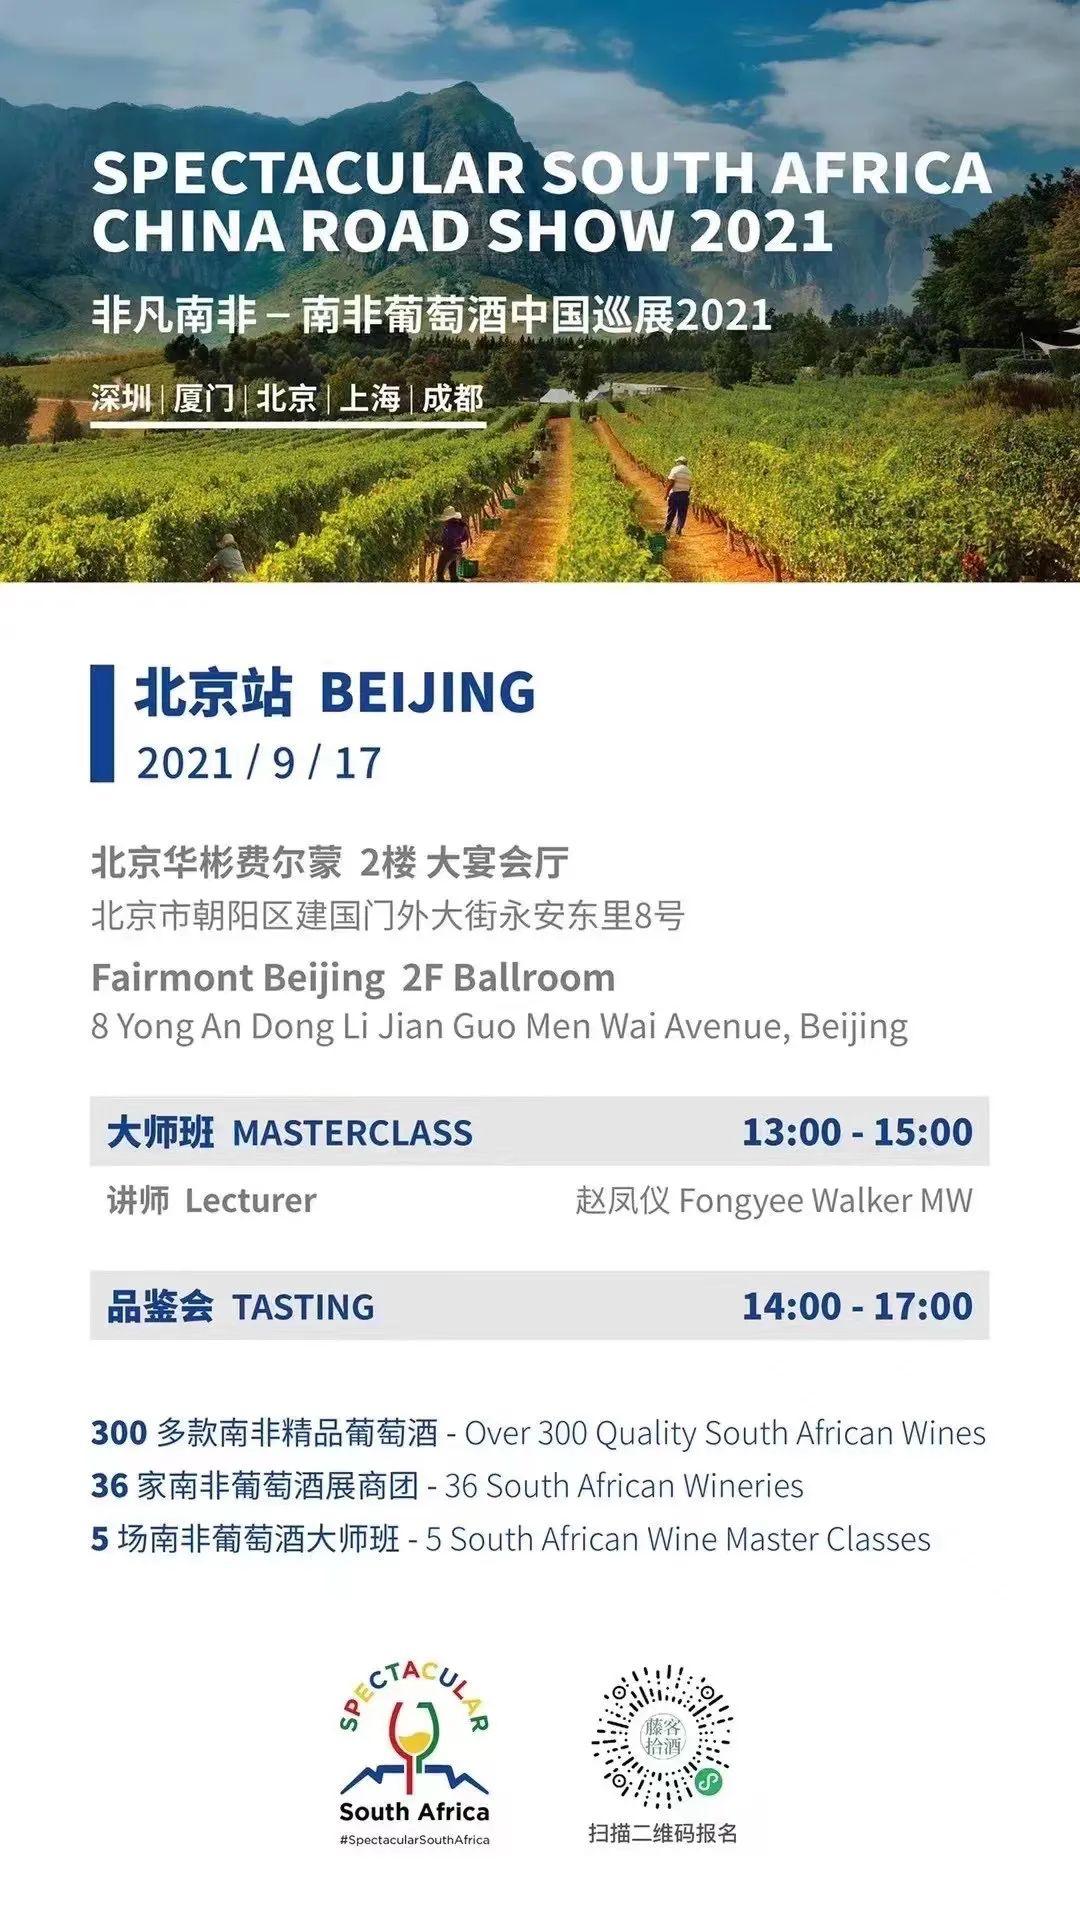 非凡南非—南非葡萄酒中国巡展2021即将登陆北京、上海、成都